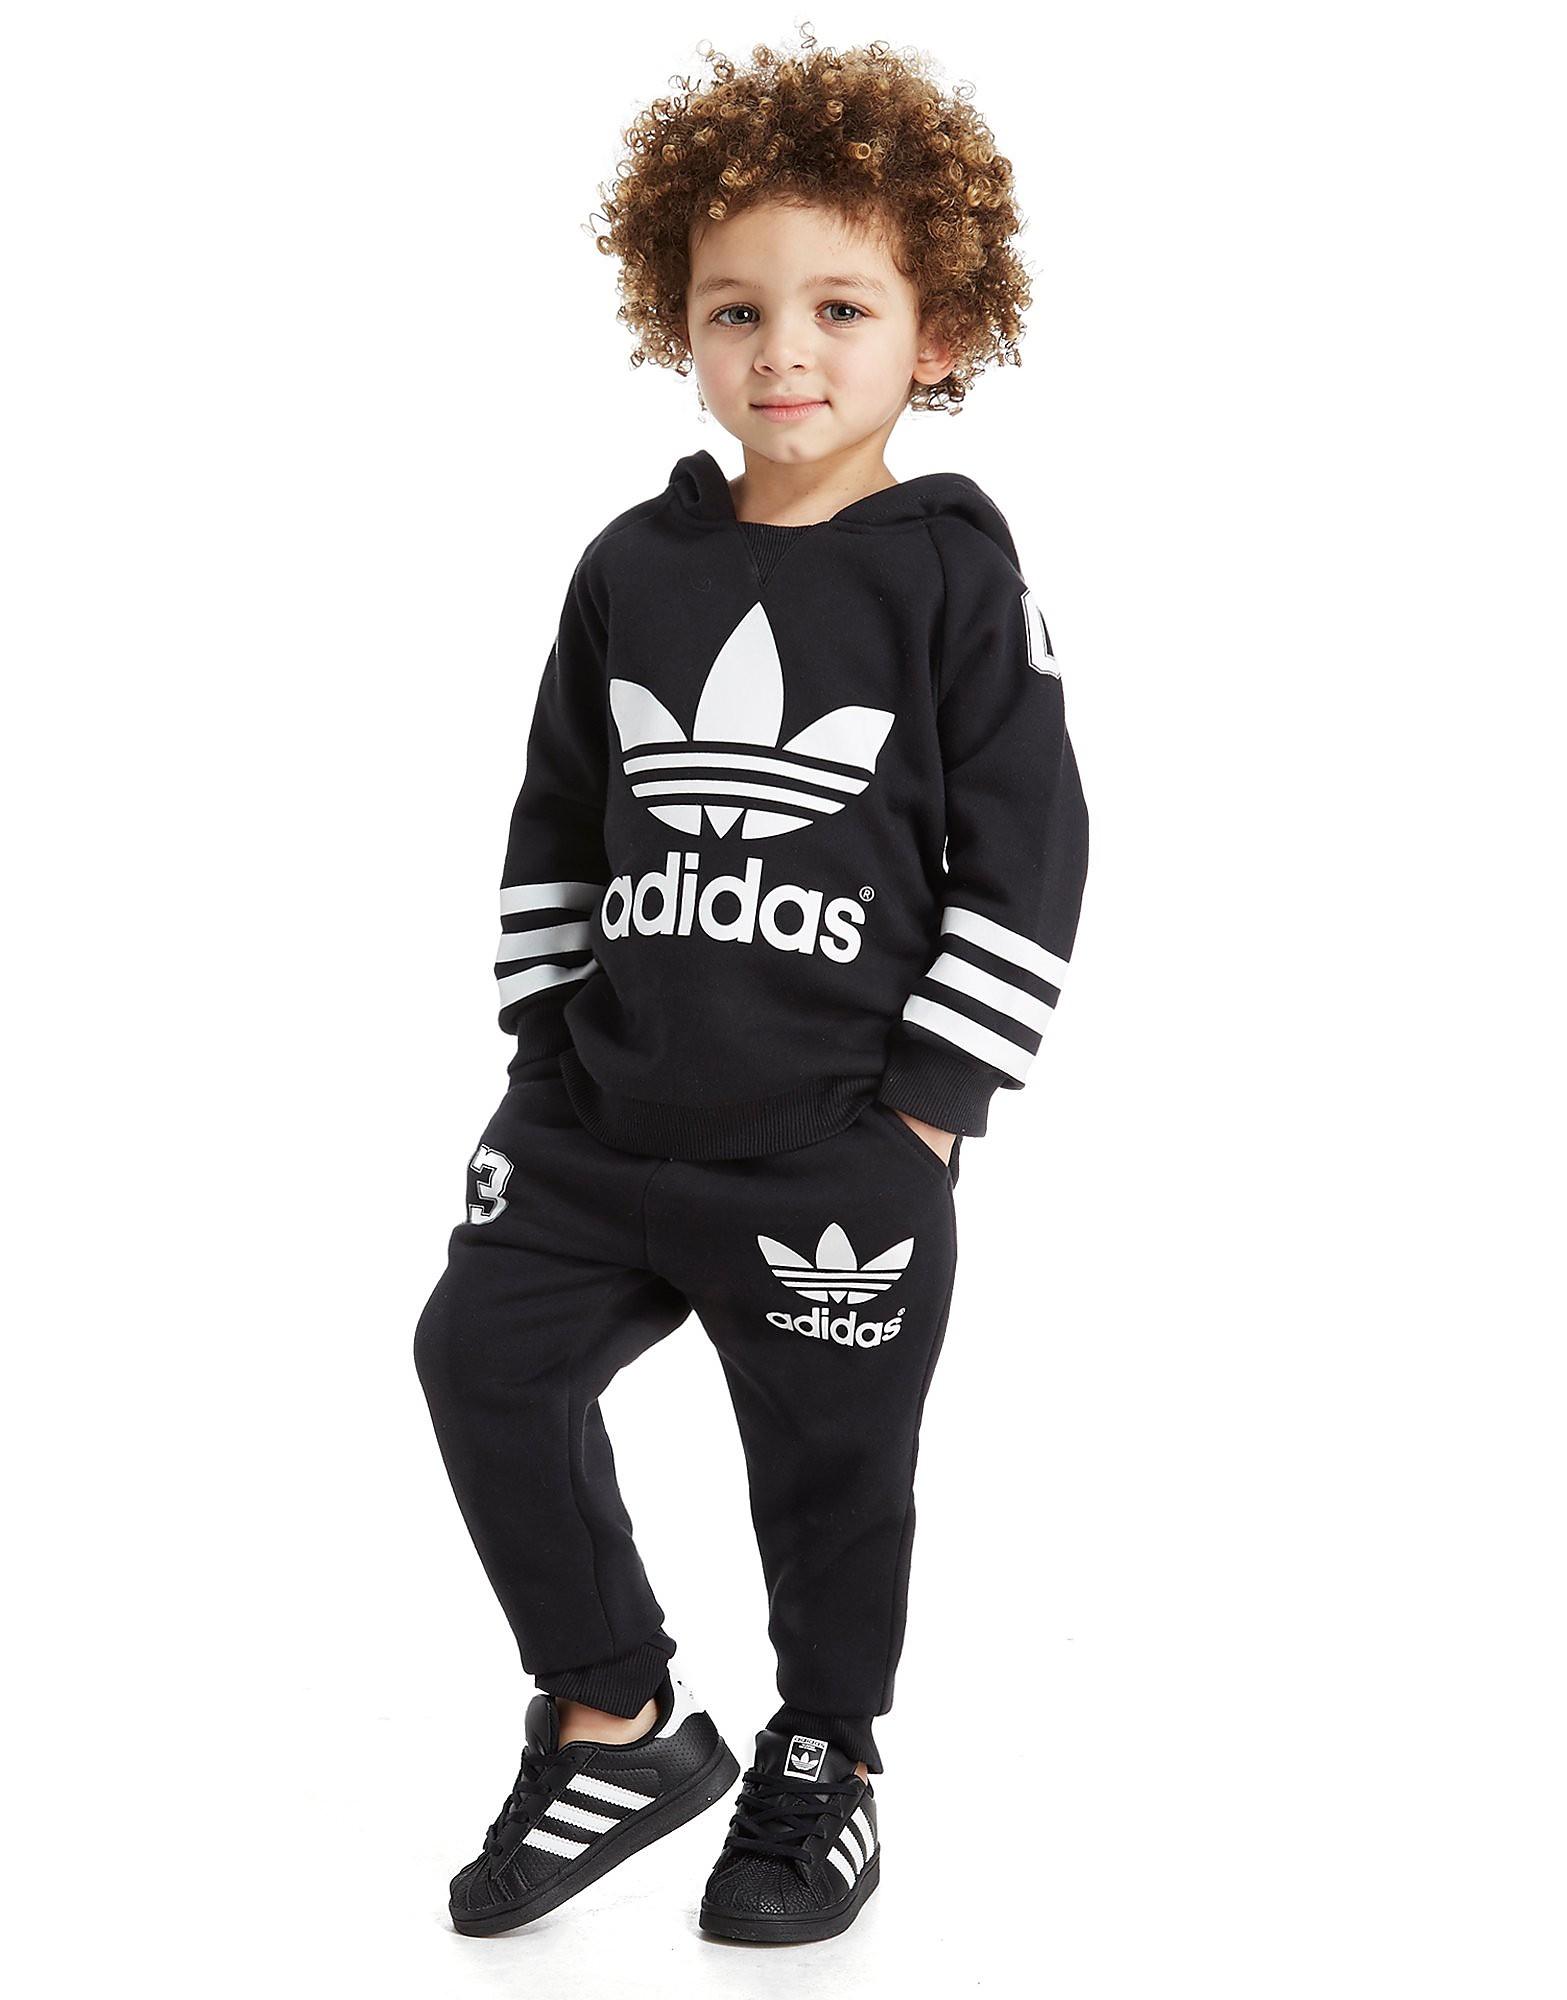 adidas Originals Street Suit Infant